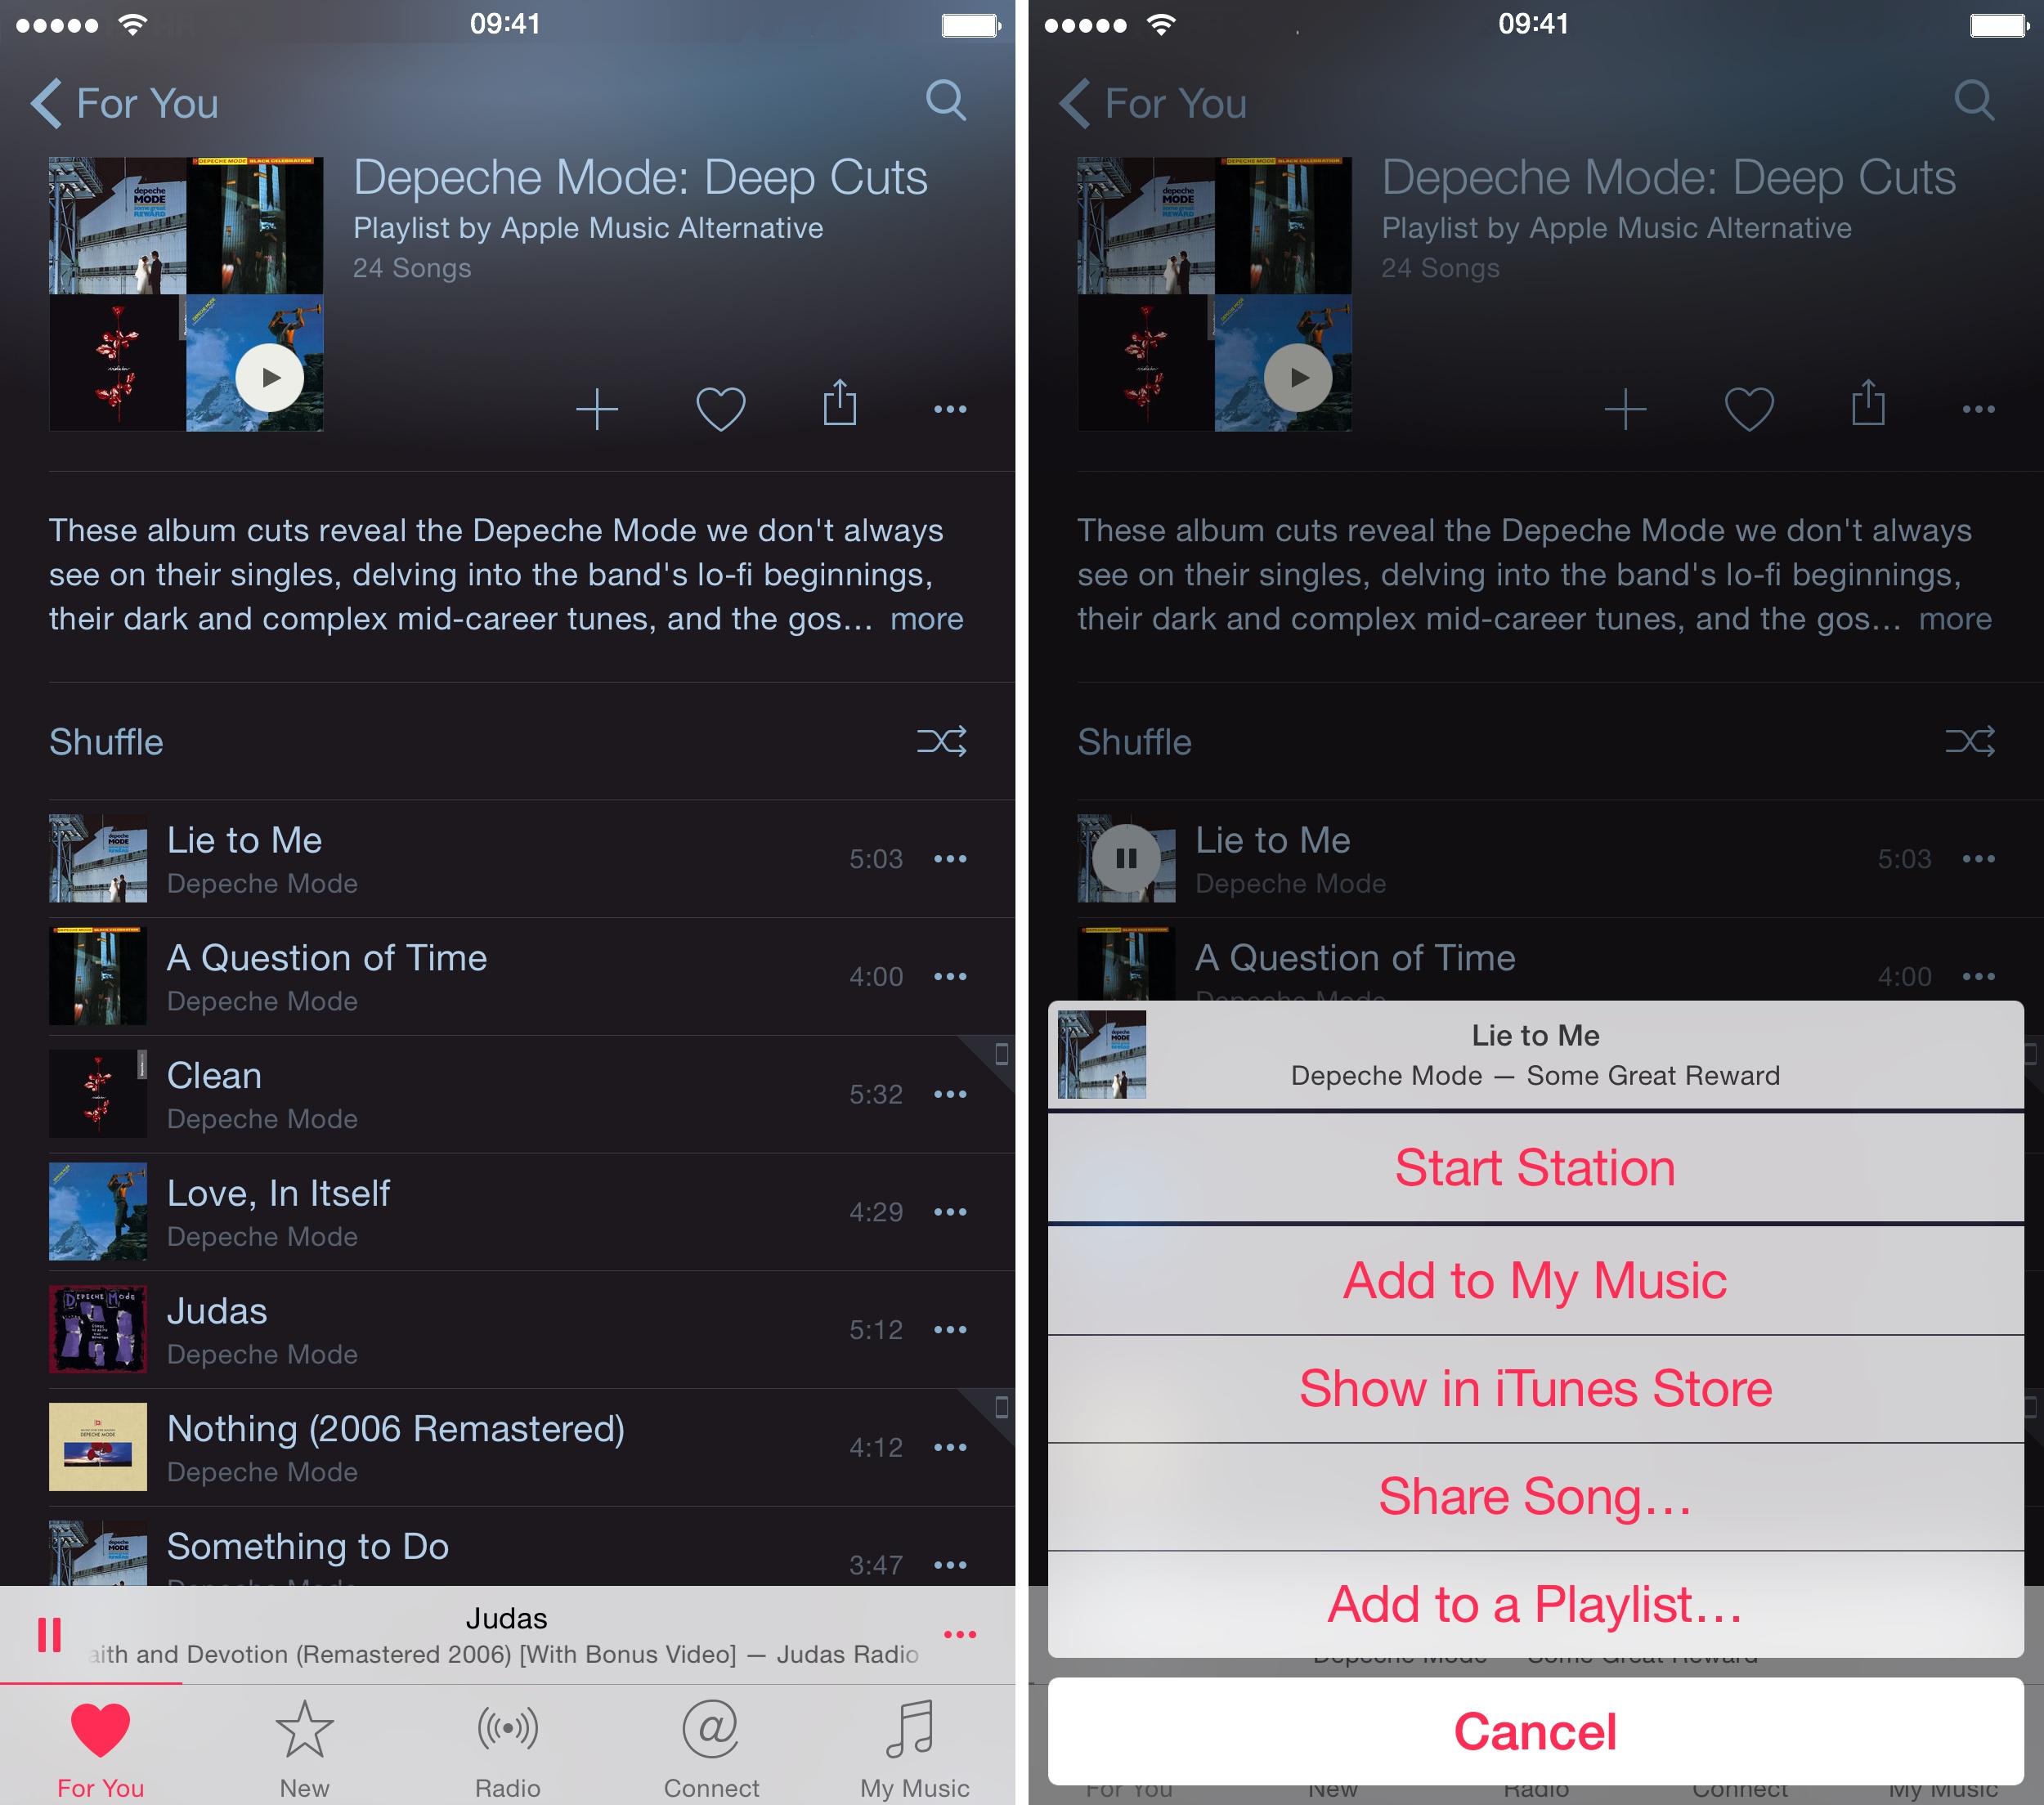 iOS 8.4 Música Cómo hacer para ti recomendaciones iPhone captura de pantalla 007